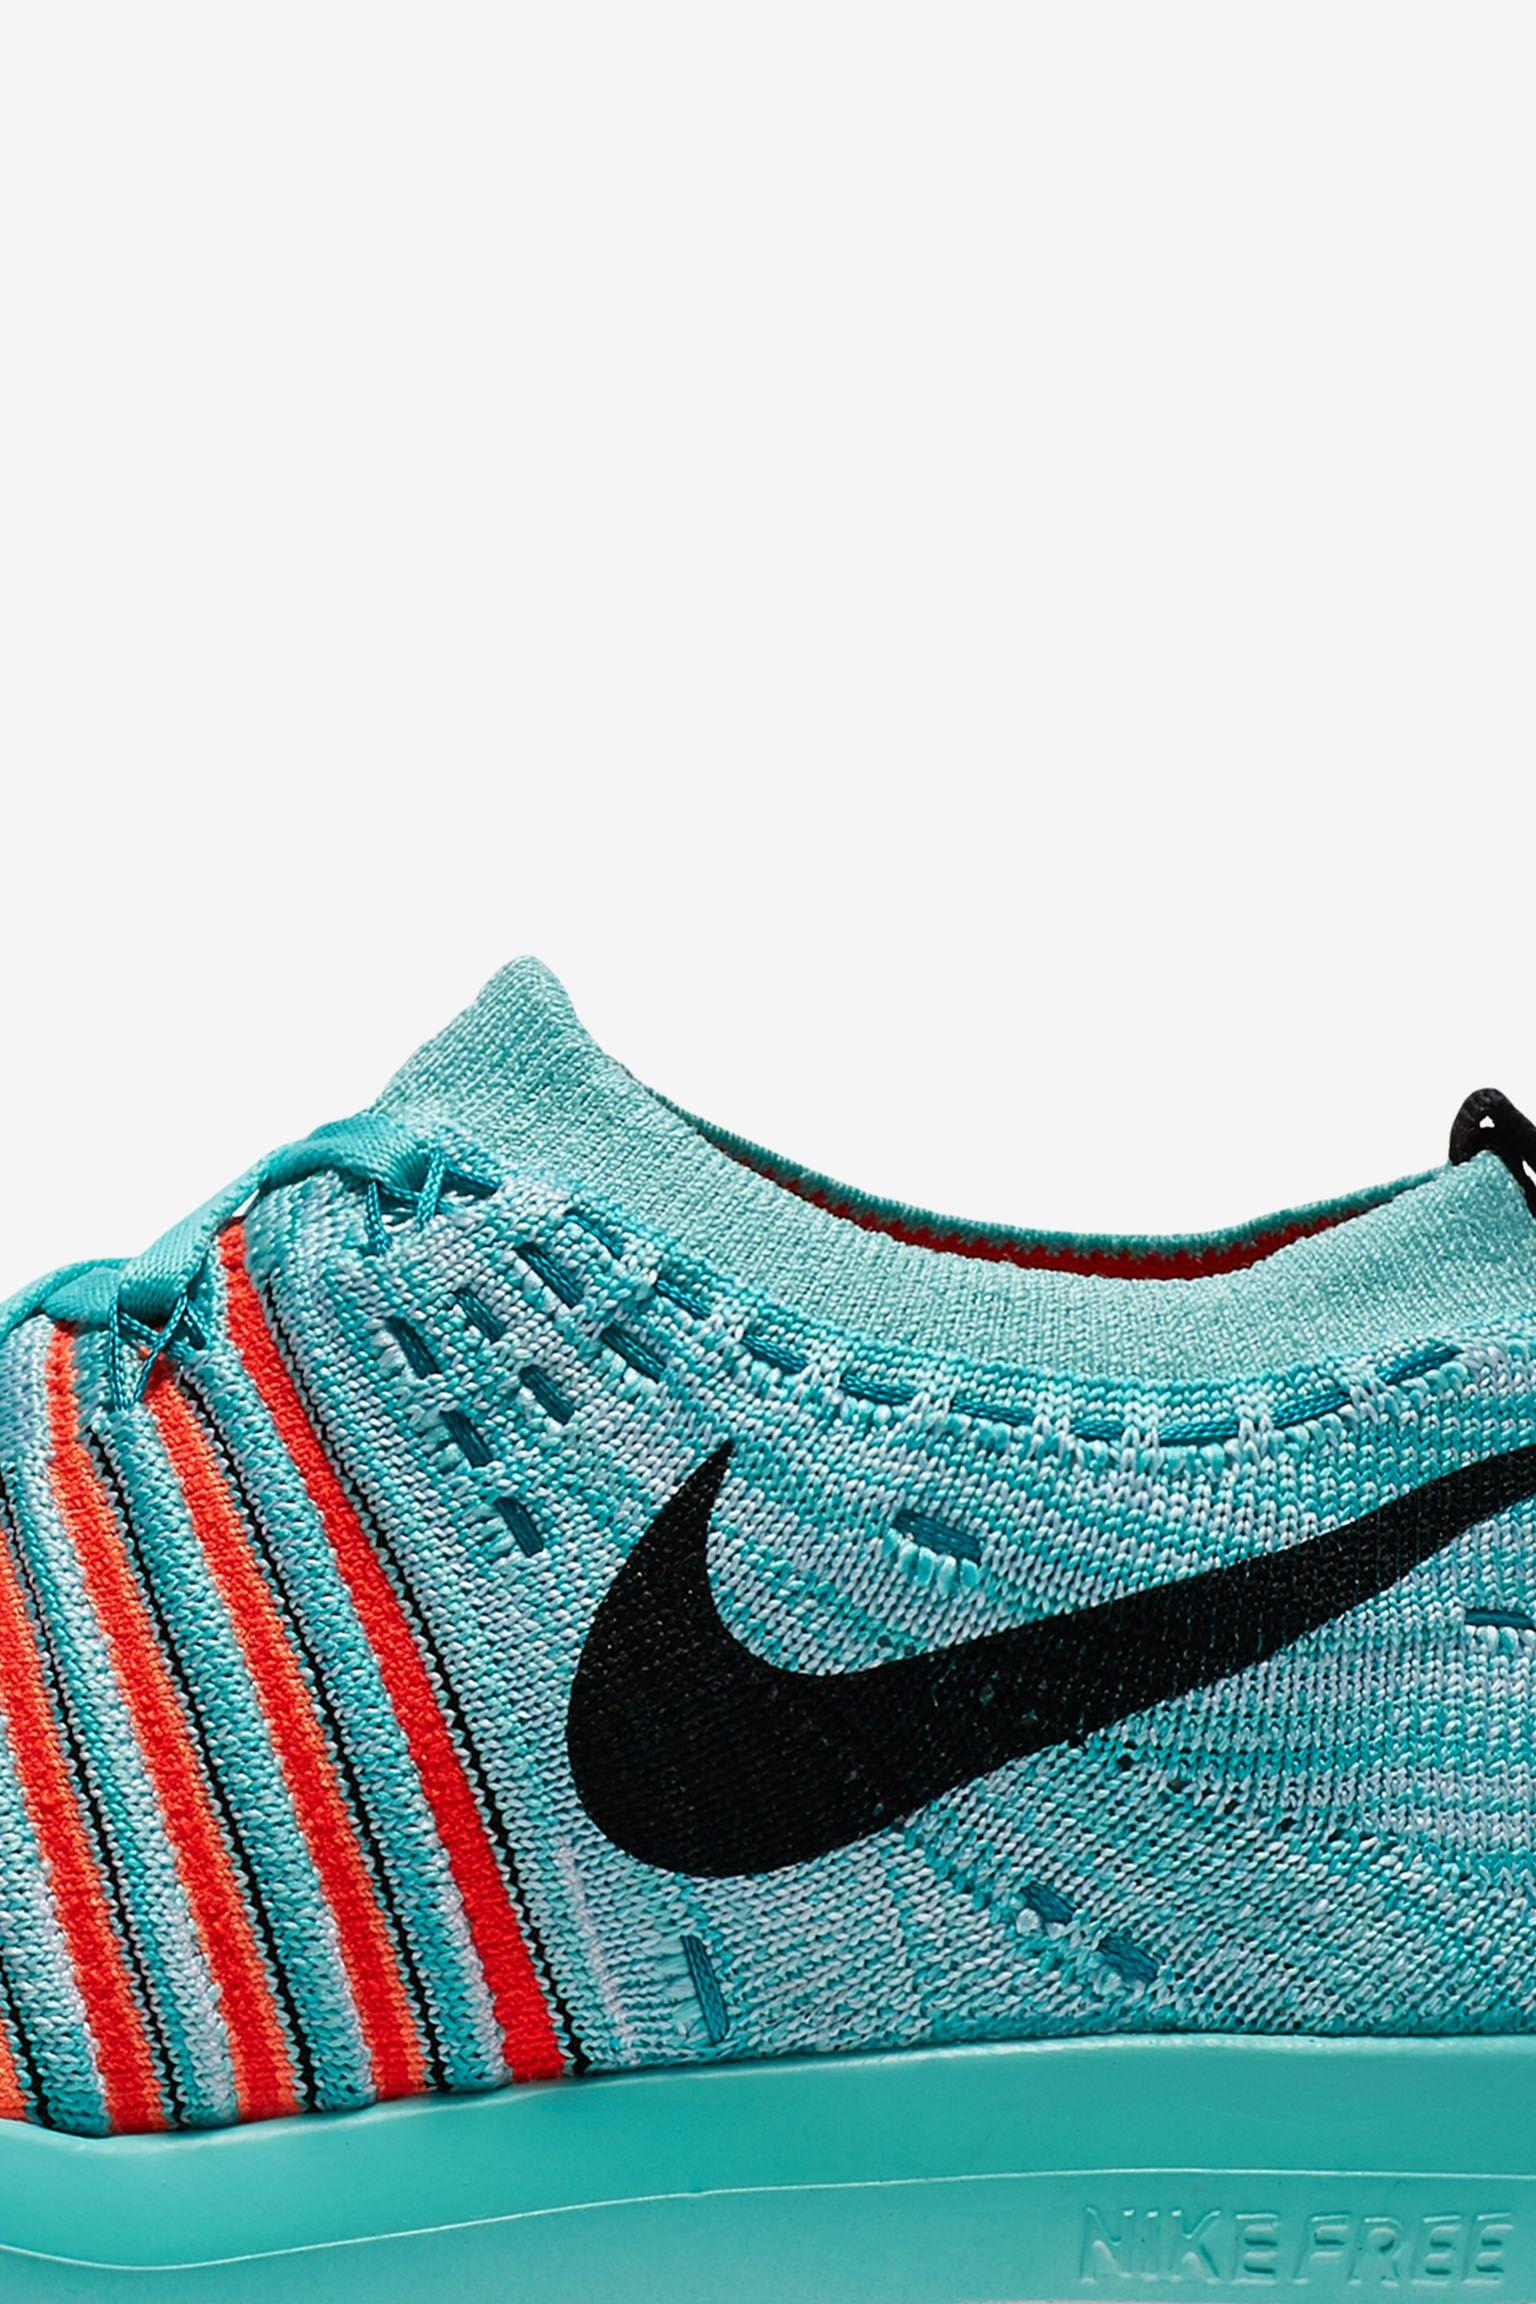 Women's Nike Free Transform Flyknit 'Hyper Turquoise'